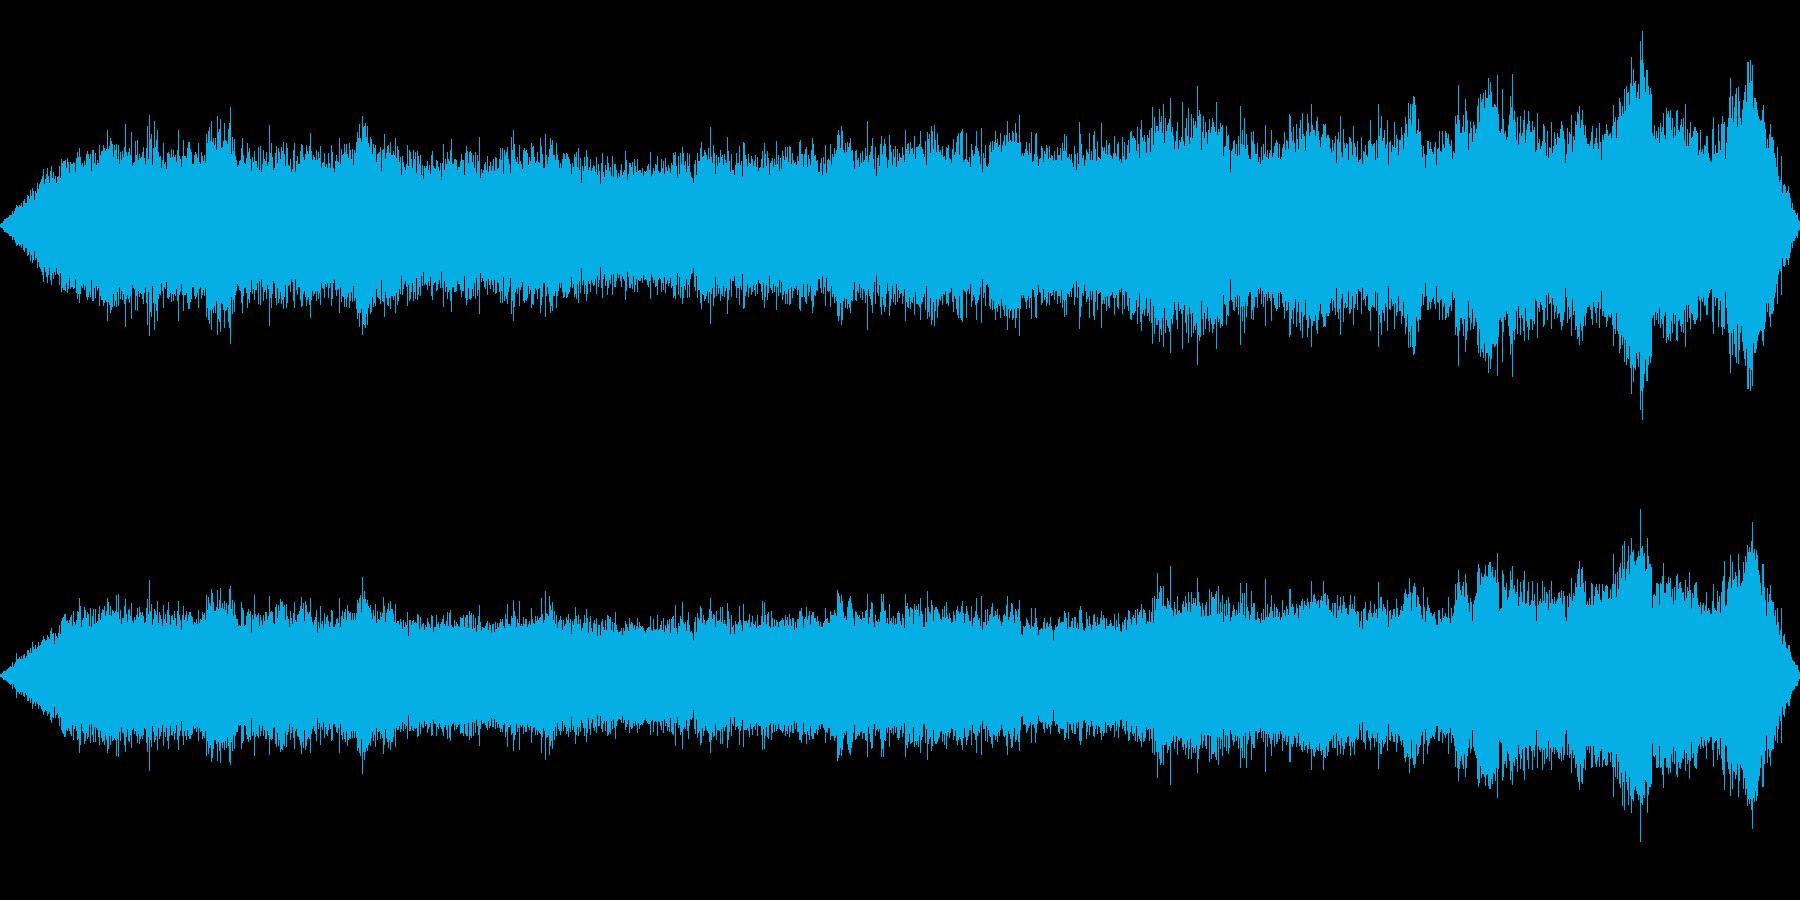 ヘリコプター乗降待機(機外)の再生済みの波形